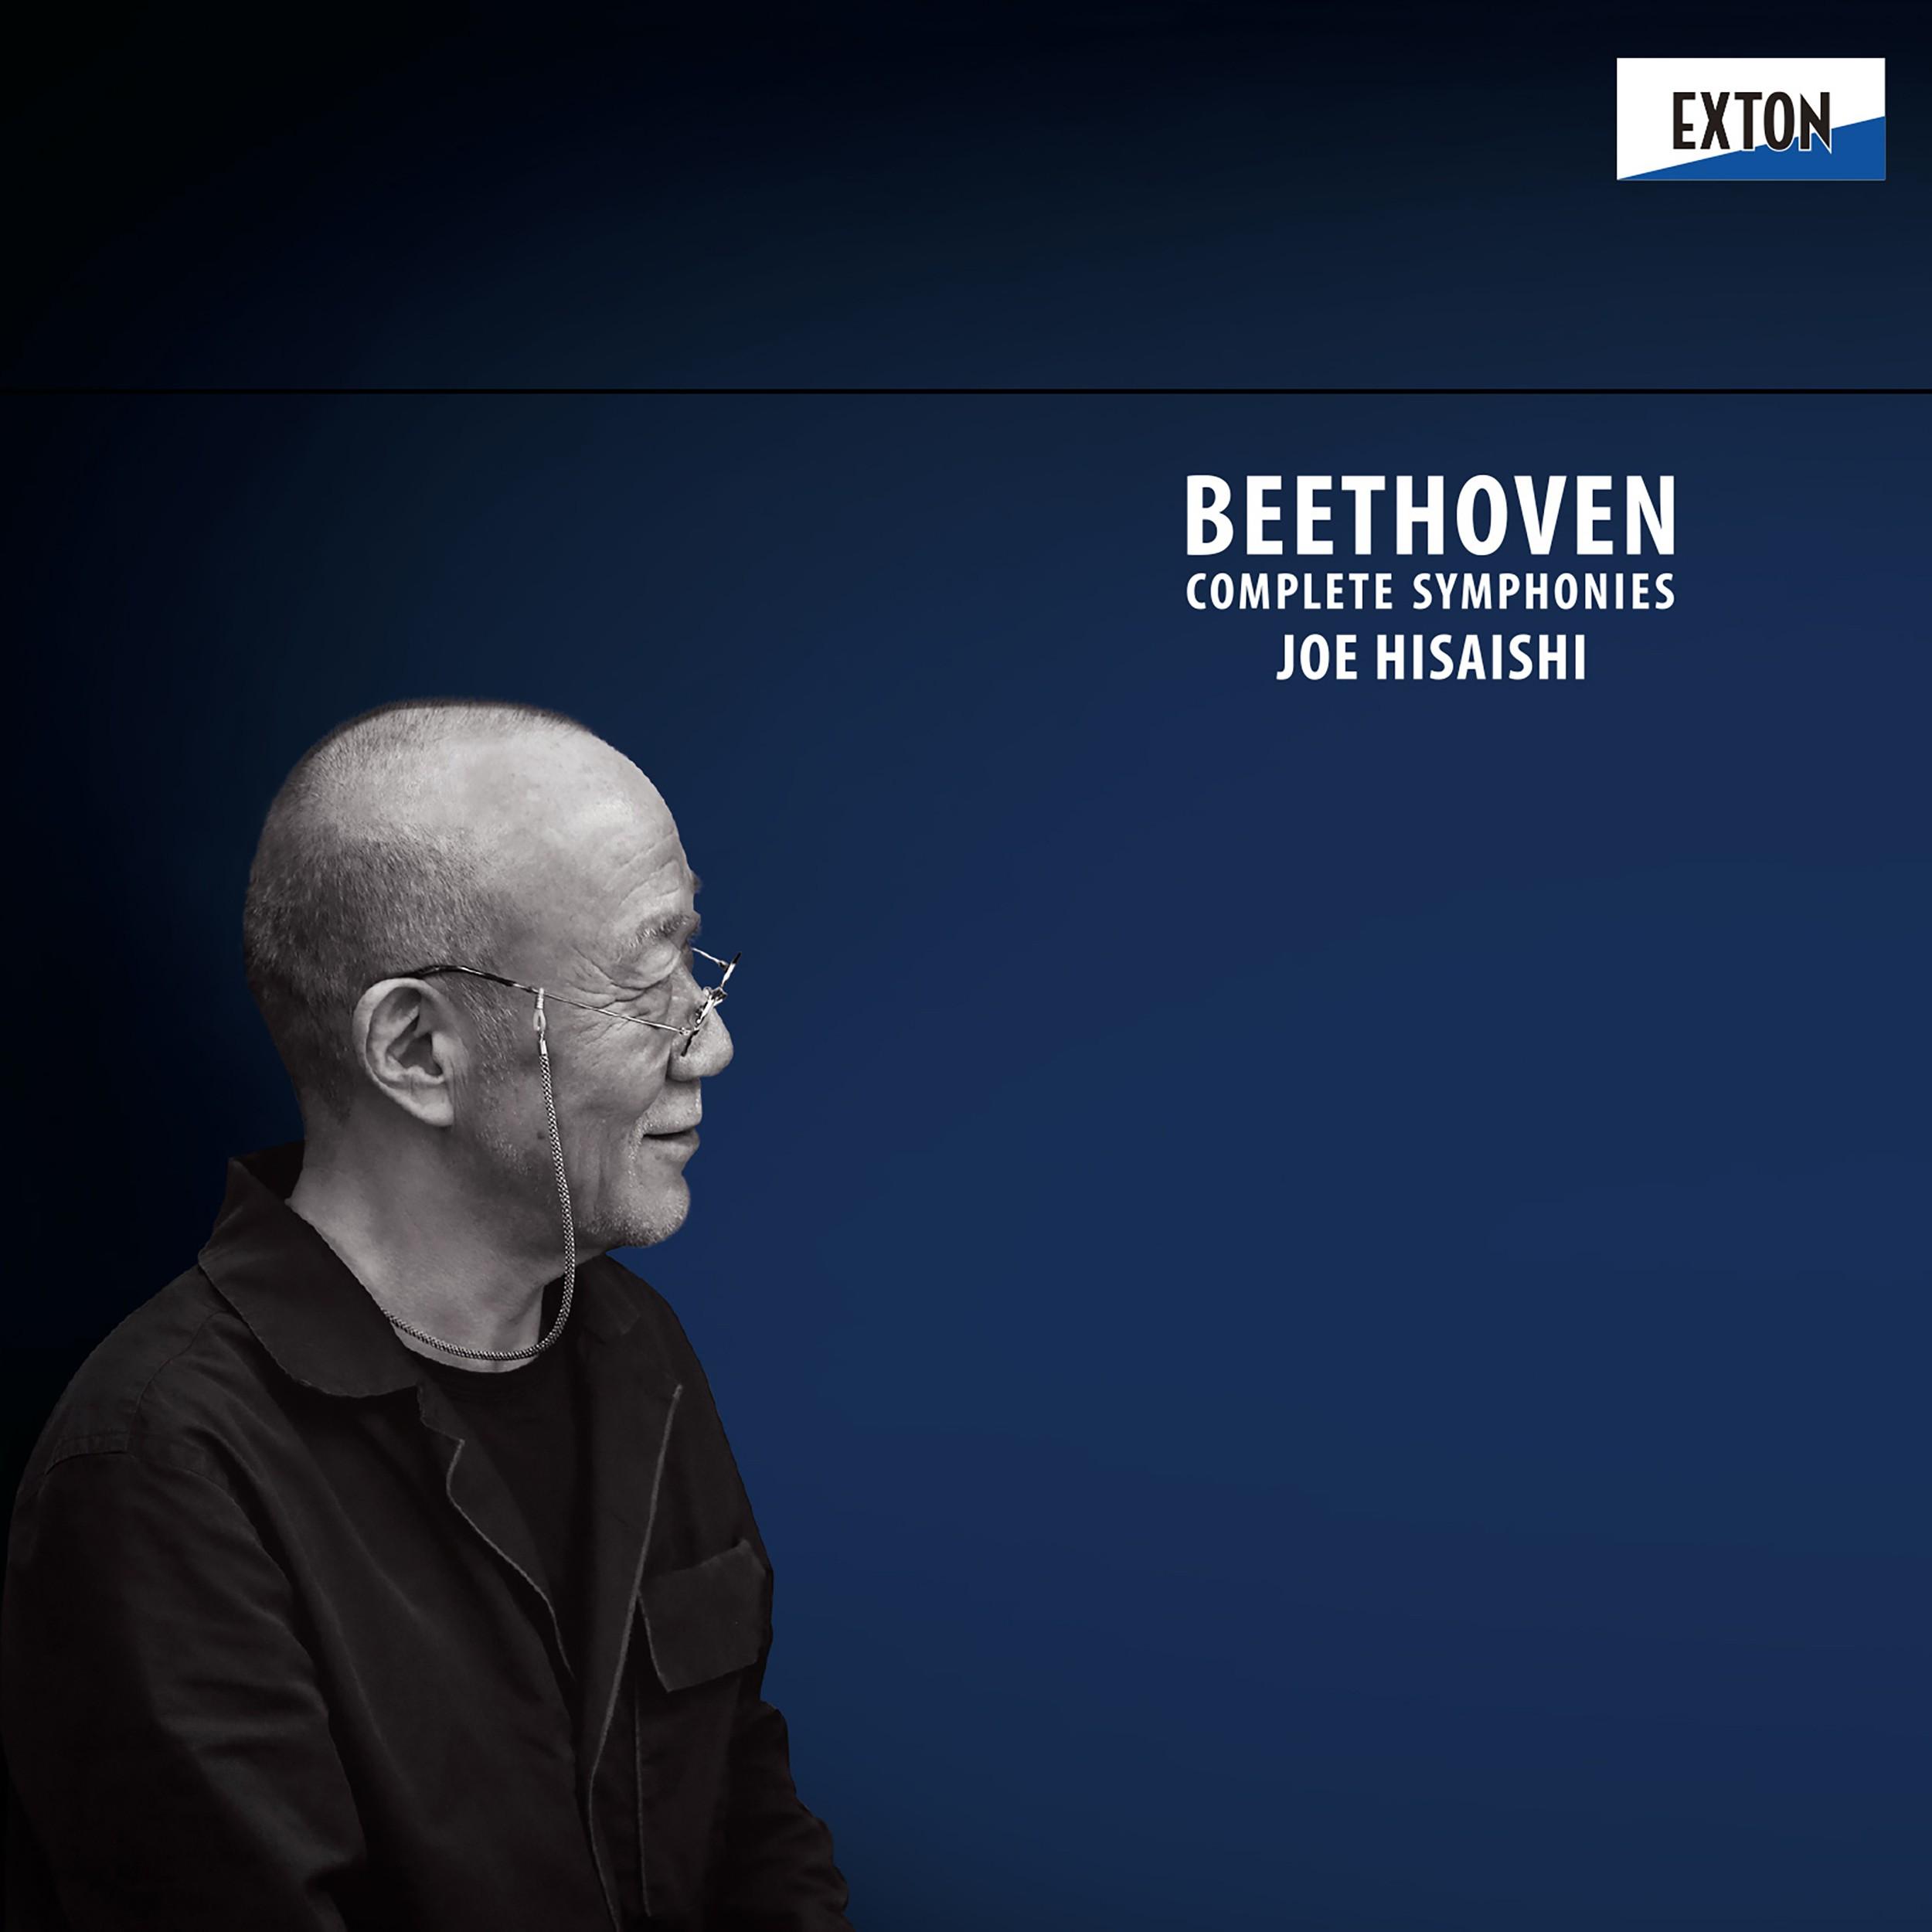 久石譲 (Joe Hisaishi) – ベートーヴェン交響曲全集 Beethoven Complete Symphonies [DSD256 DSF + 24bit FLAC / WEB] [2019.12.27]